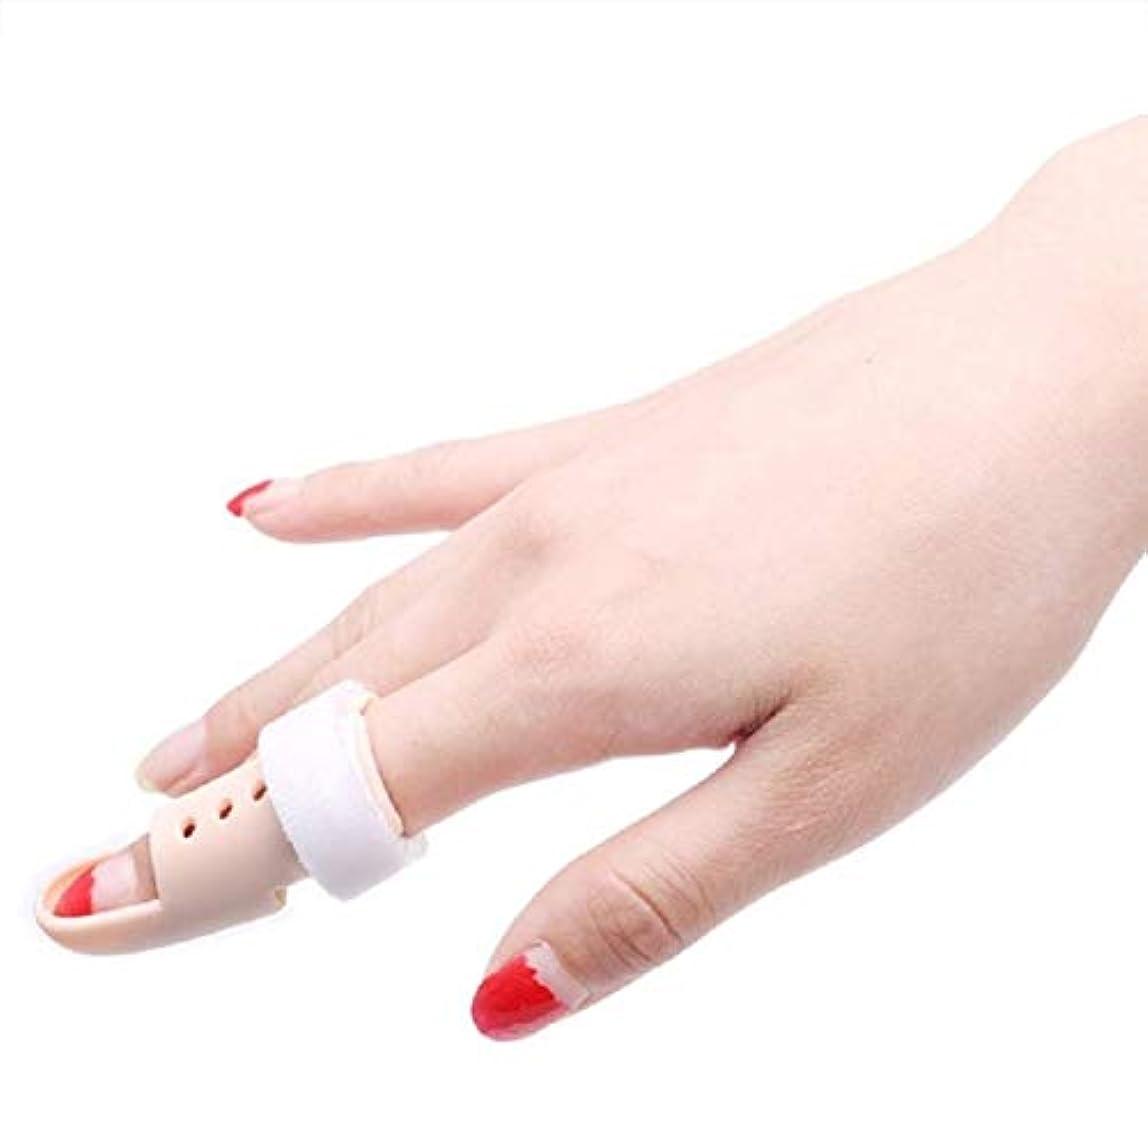 他に仮定不規則なソフト泡で痛み捻挫株関節炎に苦しんで、スプリント、リバーシブル親指スタビライザーを指 (Size : XL)